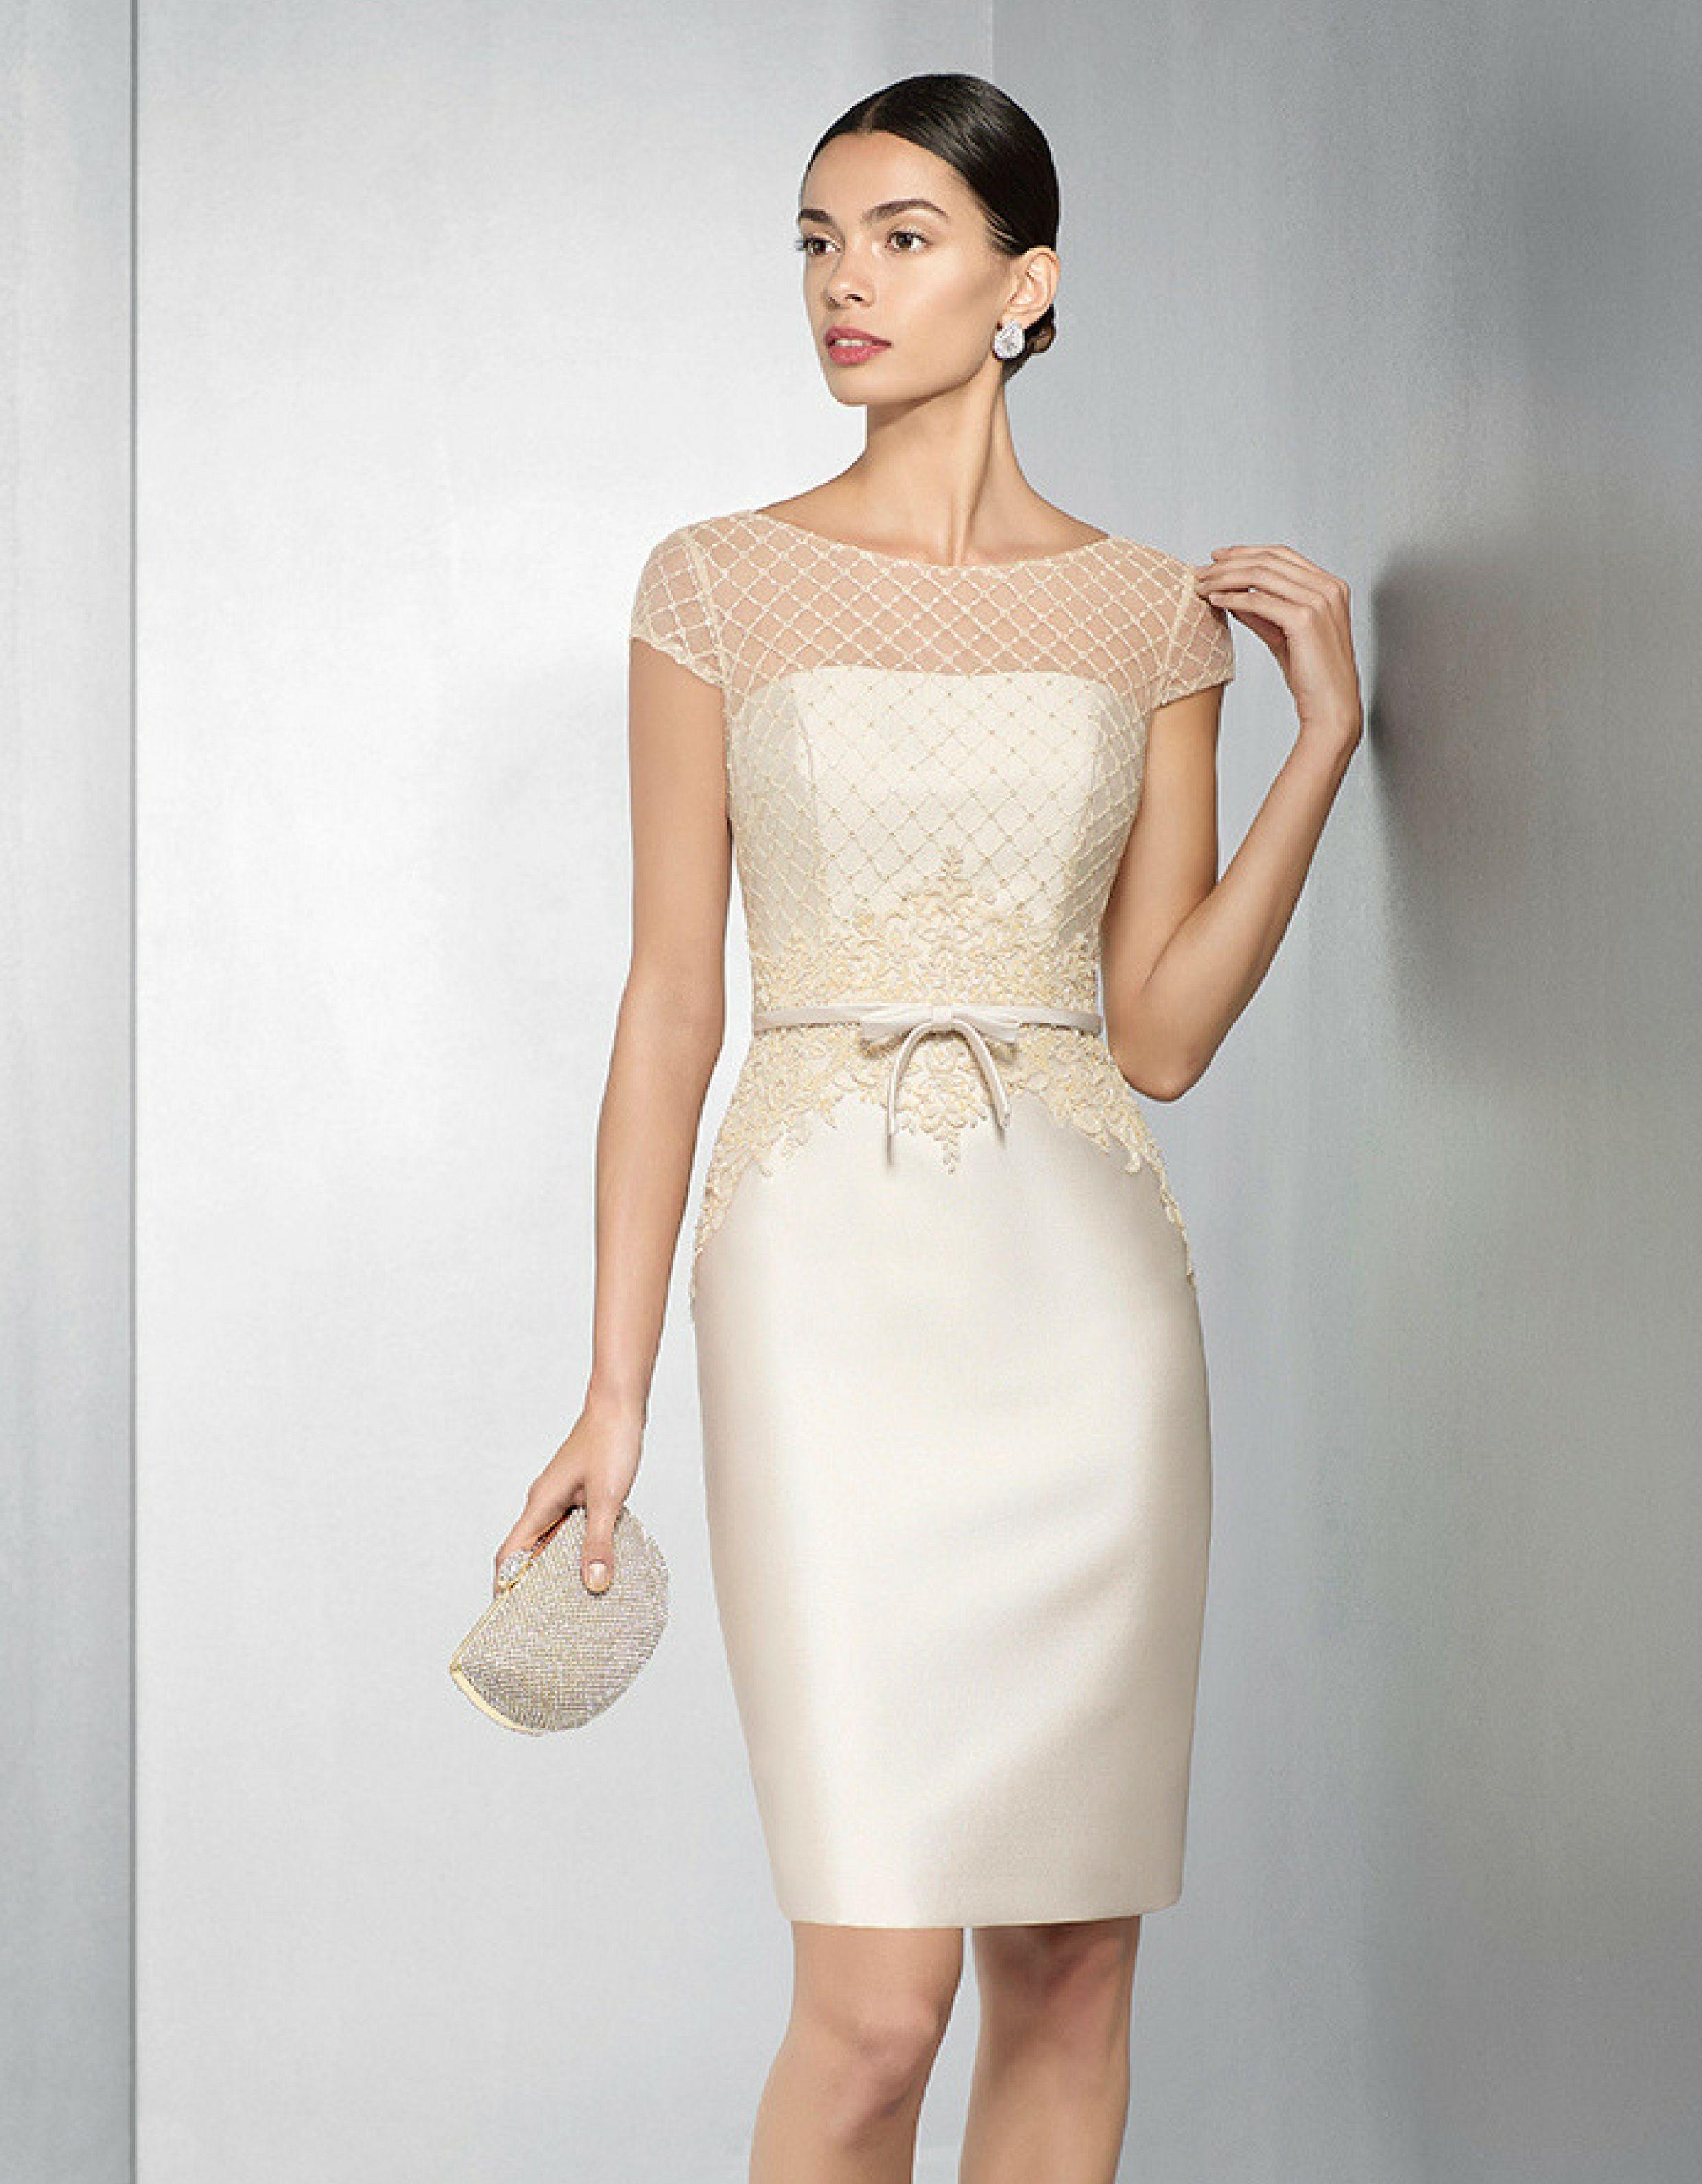 50430a5b8 Vestidos de fiesta color champagne cortos – Vestidos de boda